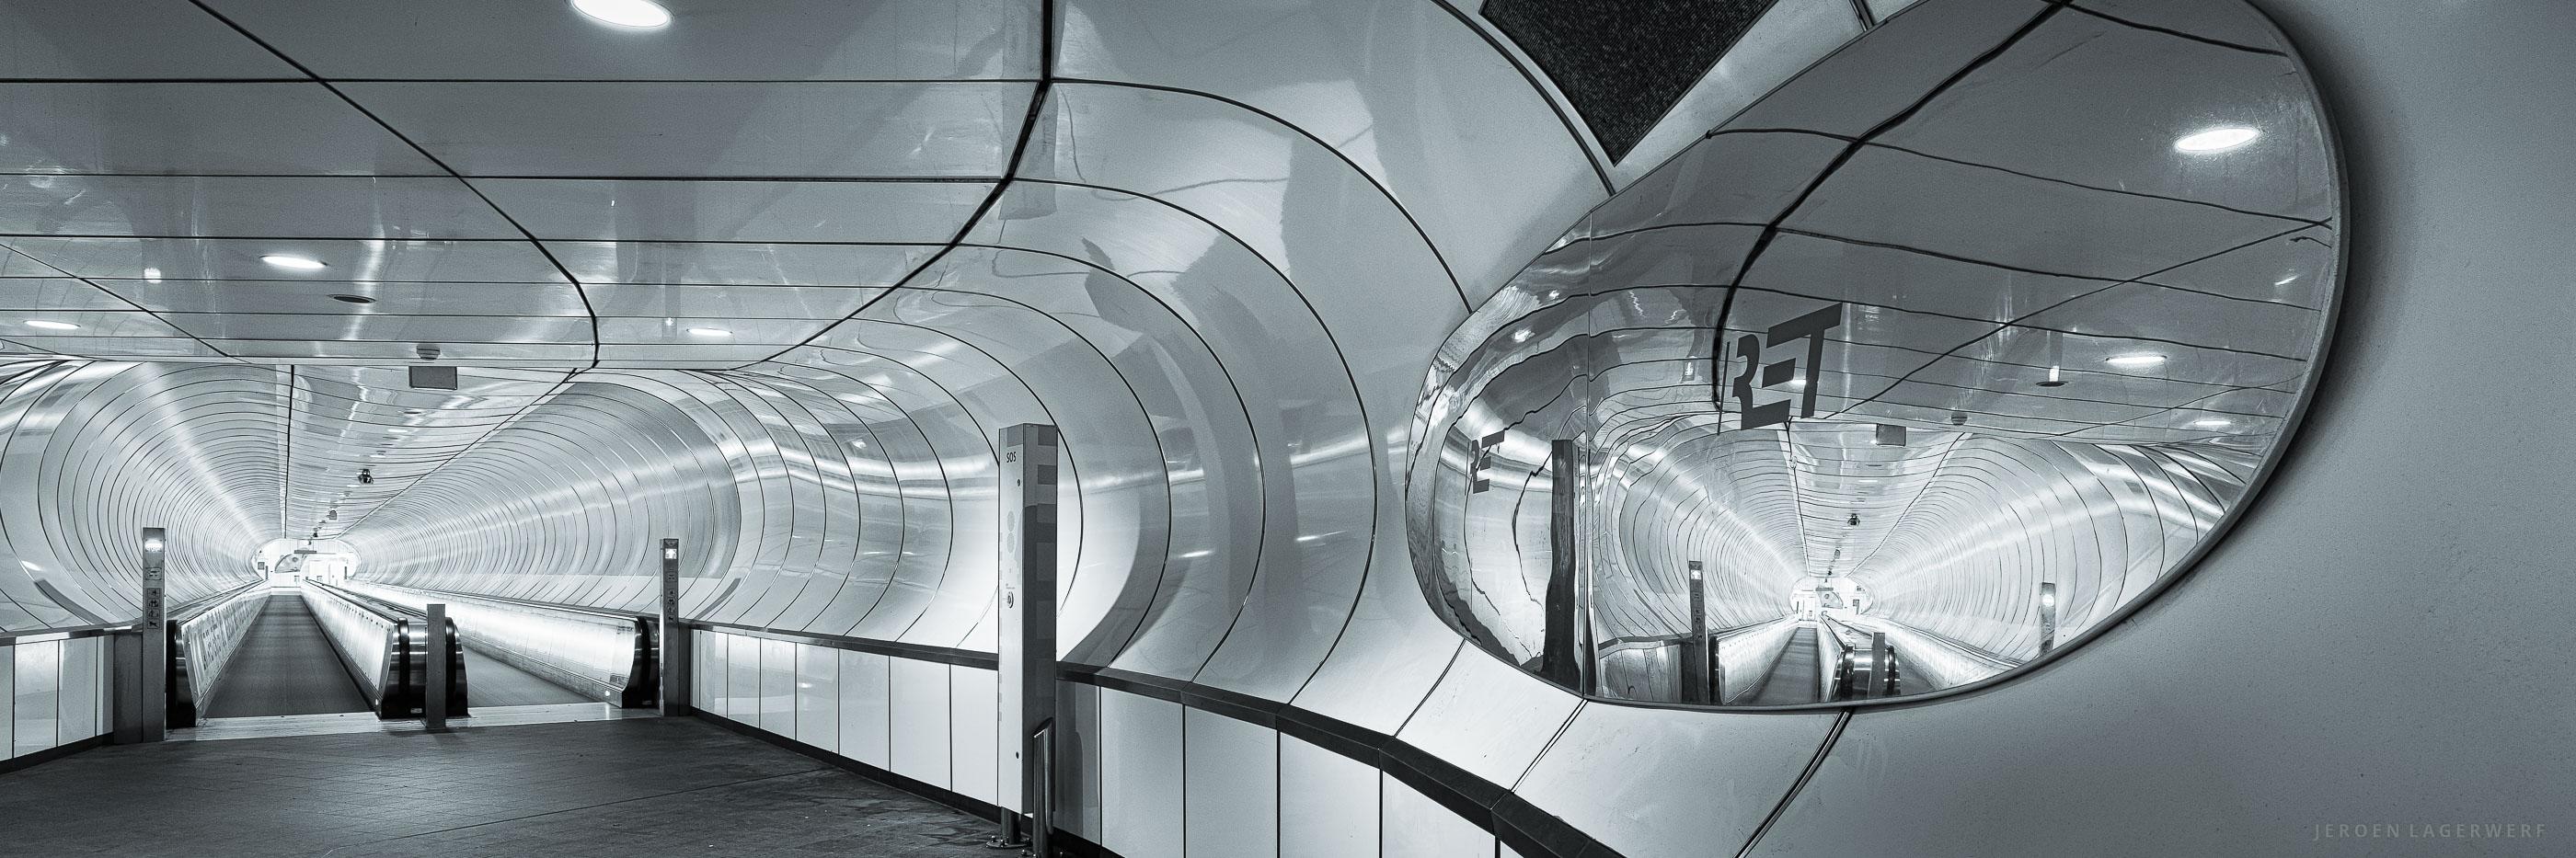 ESCALATION TUBE II